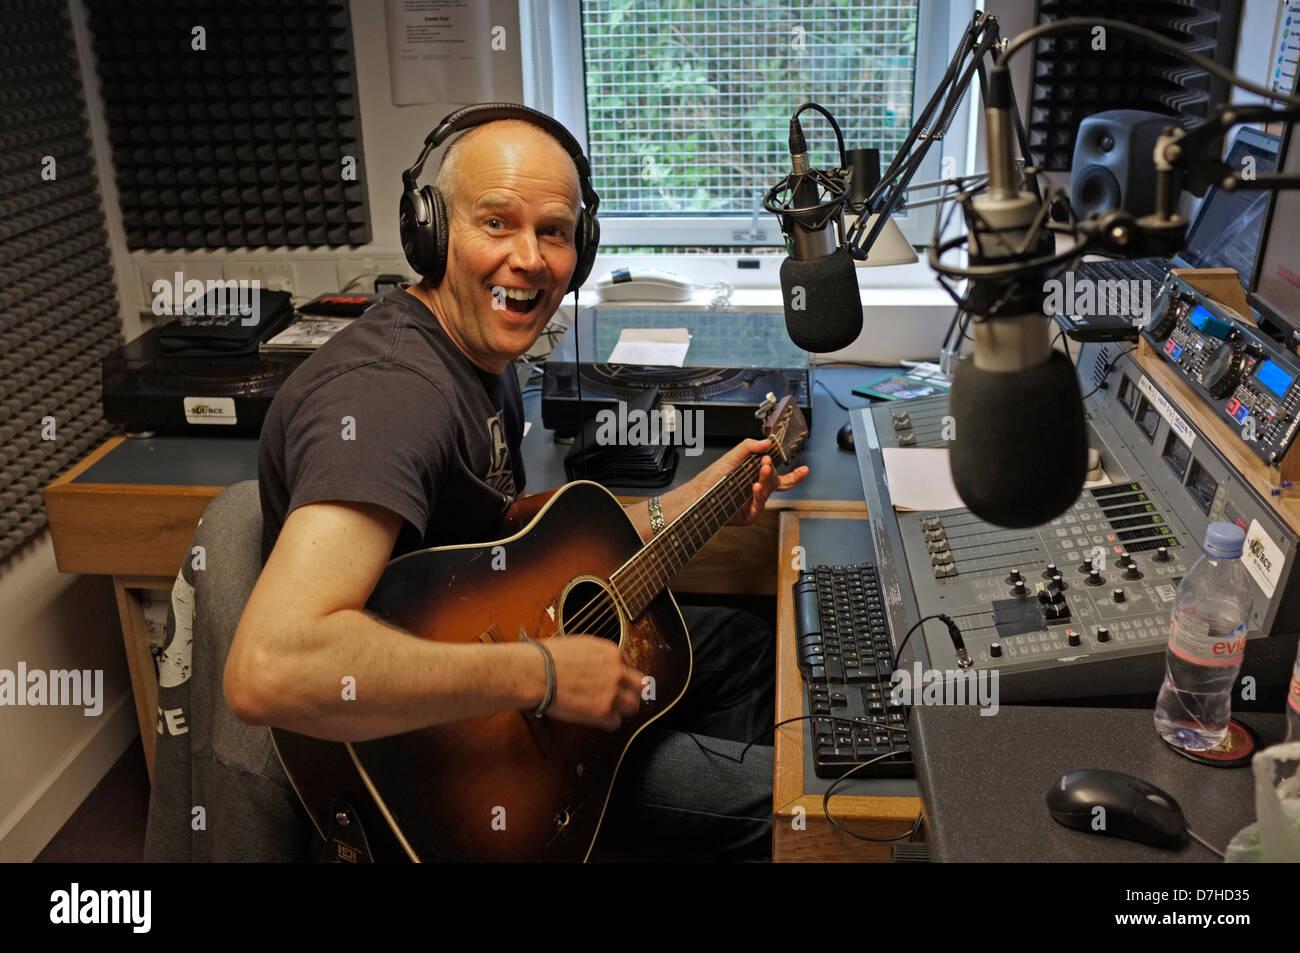 Una radio locale DJ suona la chitarra nel suo show alla fonte 96,1 FM che trasmette a Falmouth e le aree circostanti. Immagini Stock